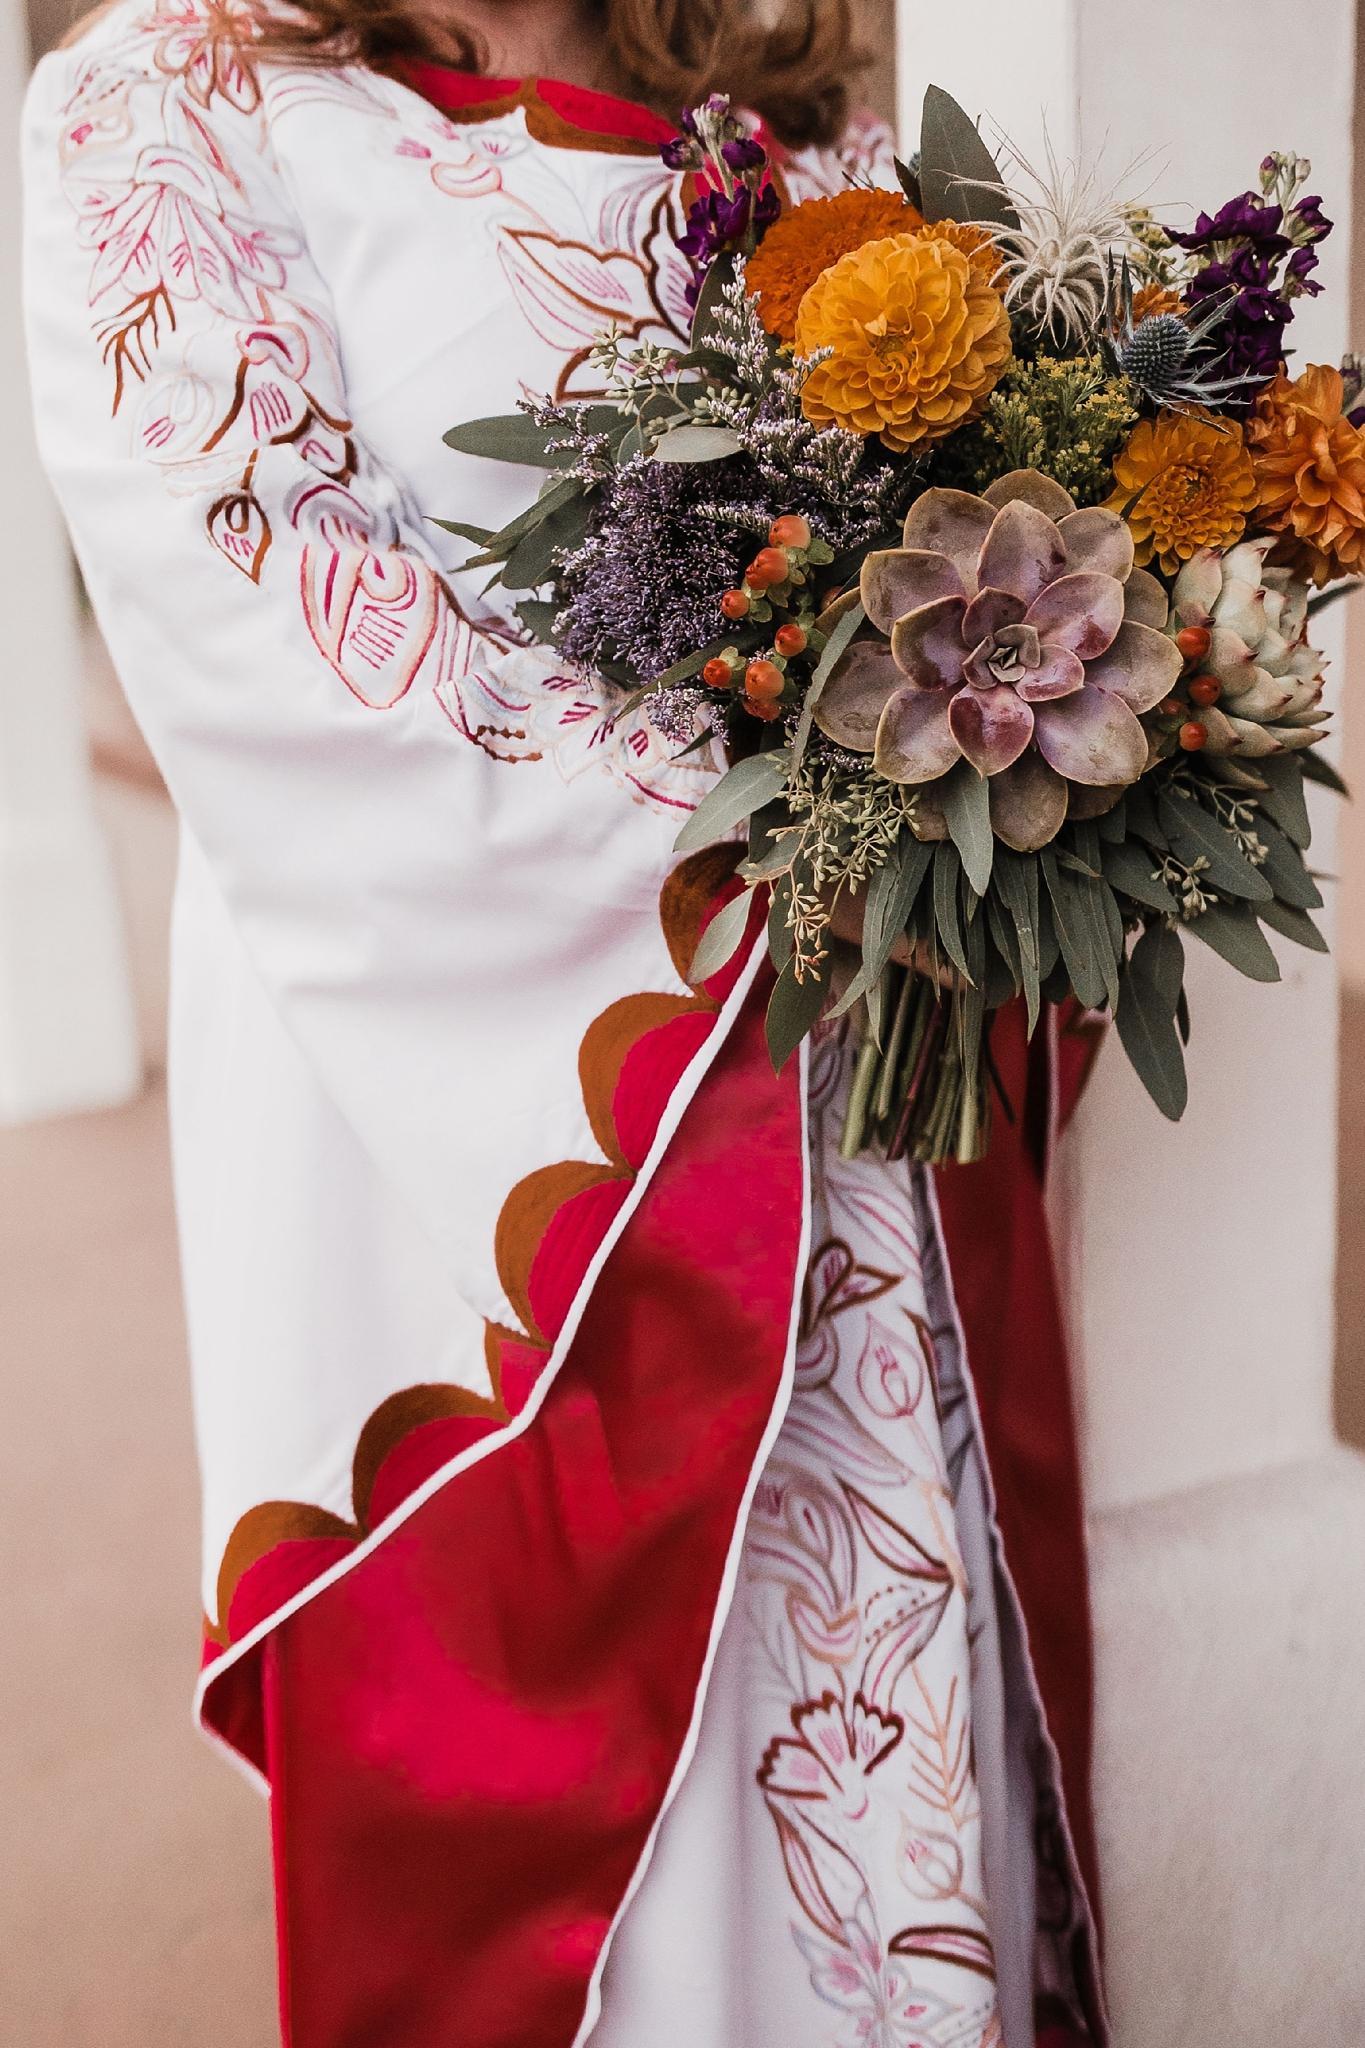 Alicia+lucia+photography+-+albuquerque+wedding+photographer+-+santa+fe+wedding+photography+-+new+mexico+wedding+photographer+-+albuquerque+wedding+-+santa+fe+wedding+-+wedding+gowns+-+non+traditional+wedding+gowns_0025.jpg